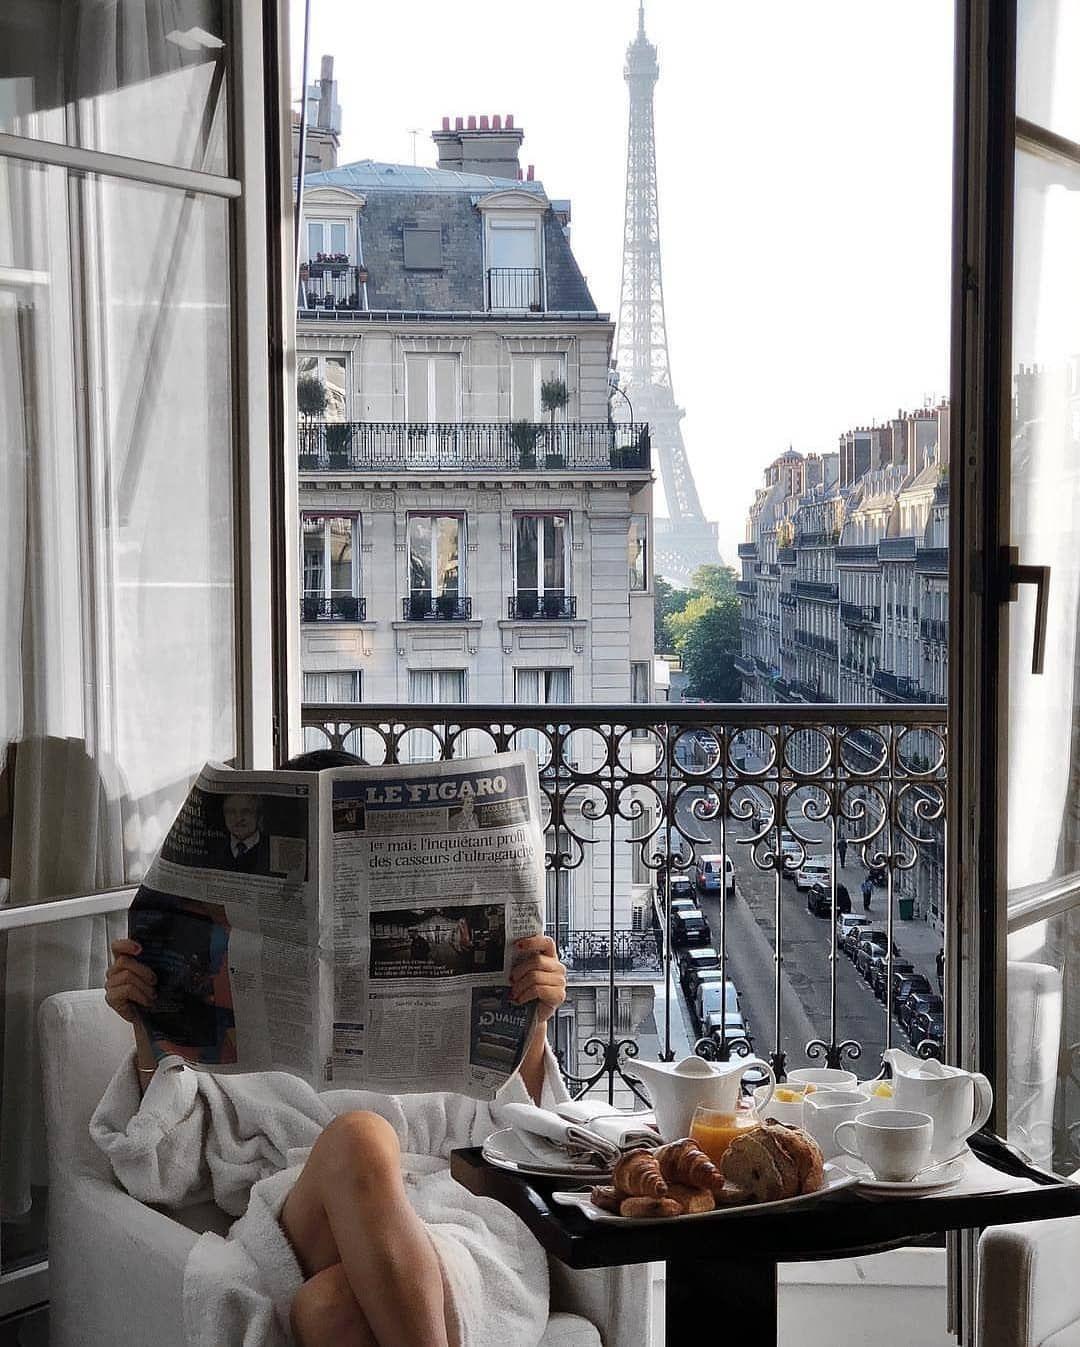 Hotels Resorts Luxushotels Luxusreisen Reisen Entdecken Sie - #entdecken #fotografieurlaub #hotels #luxushotels #luxusreisen #reisen #resorts #sie